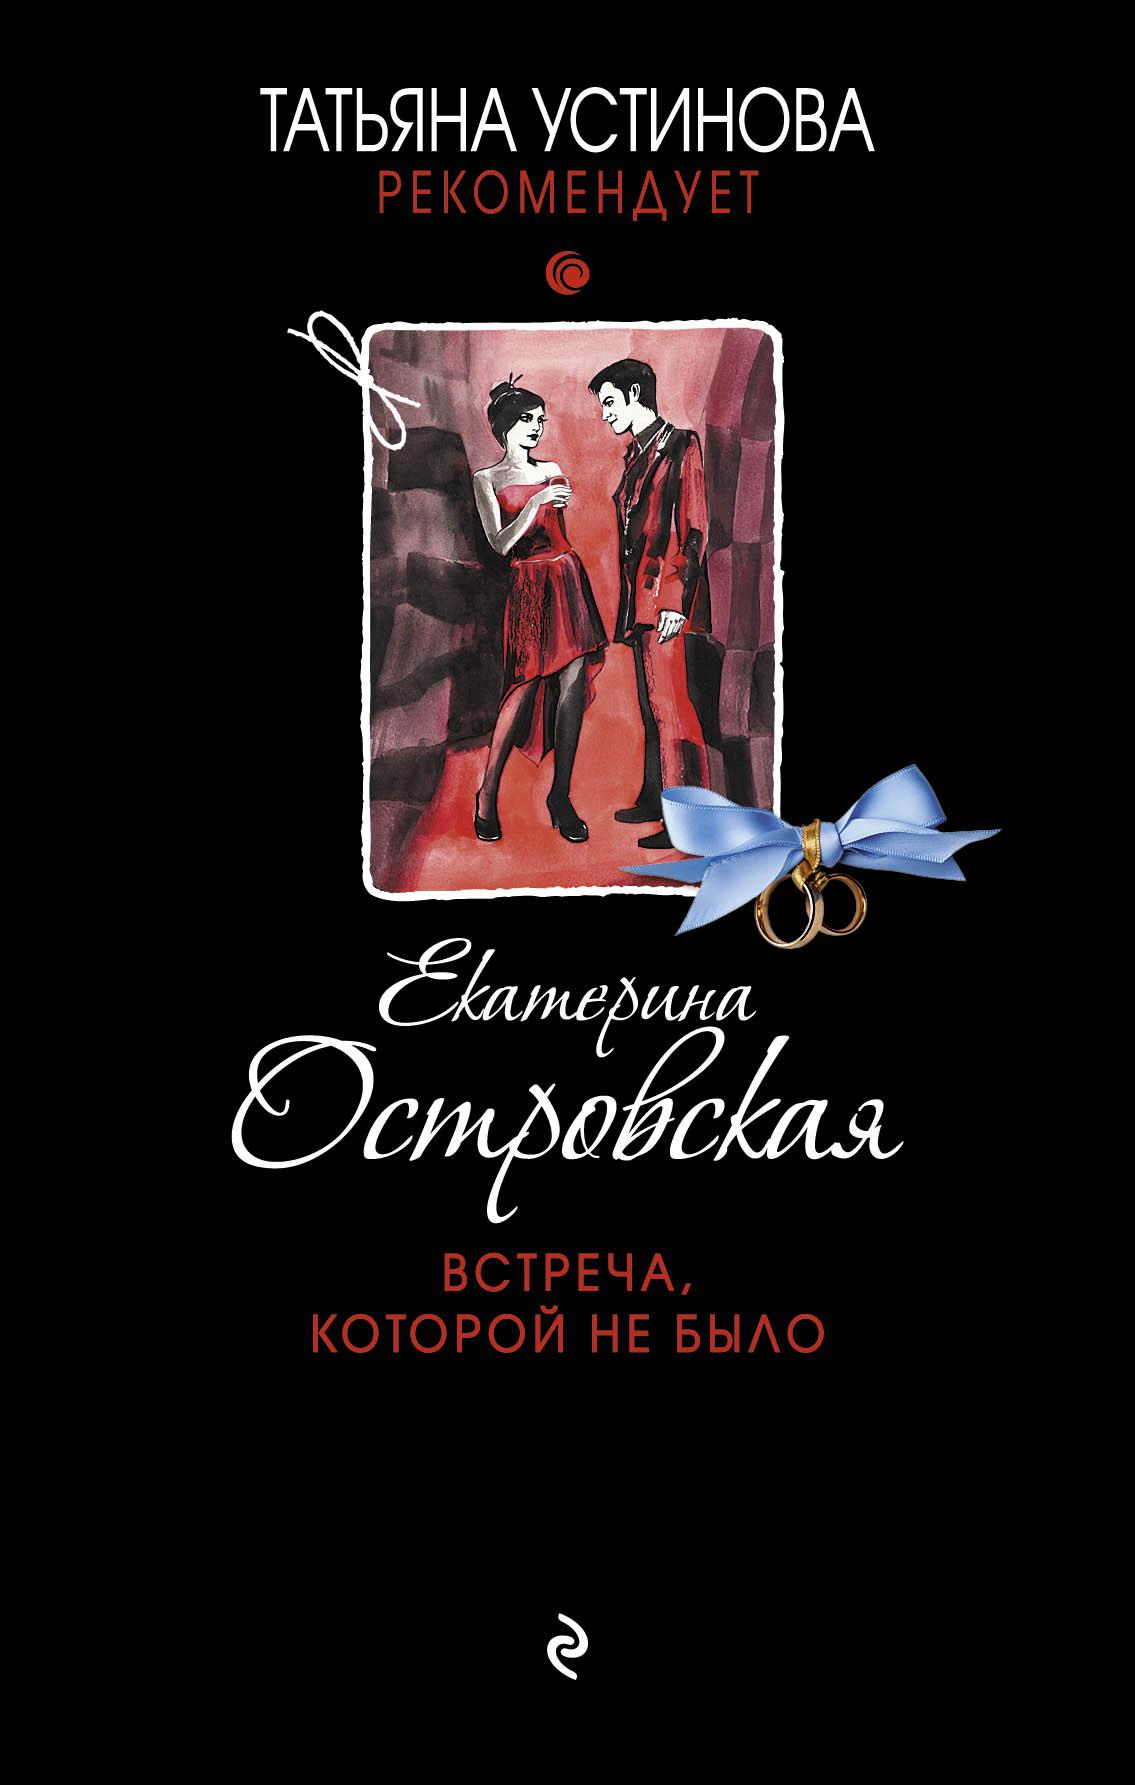 Екатерина Островская Встреча, которой не было егор серов какие рекомендует книги